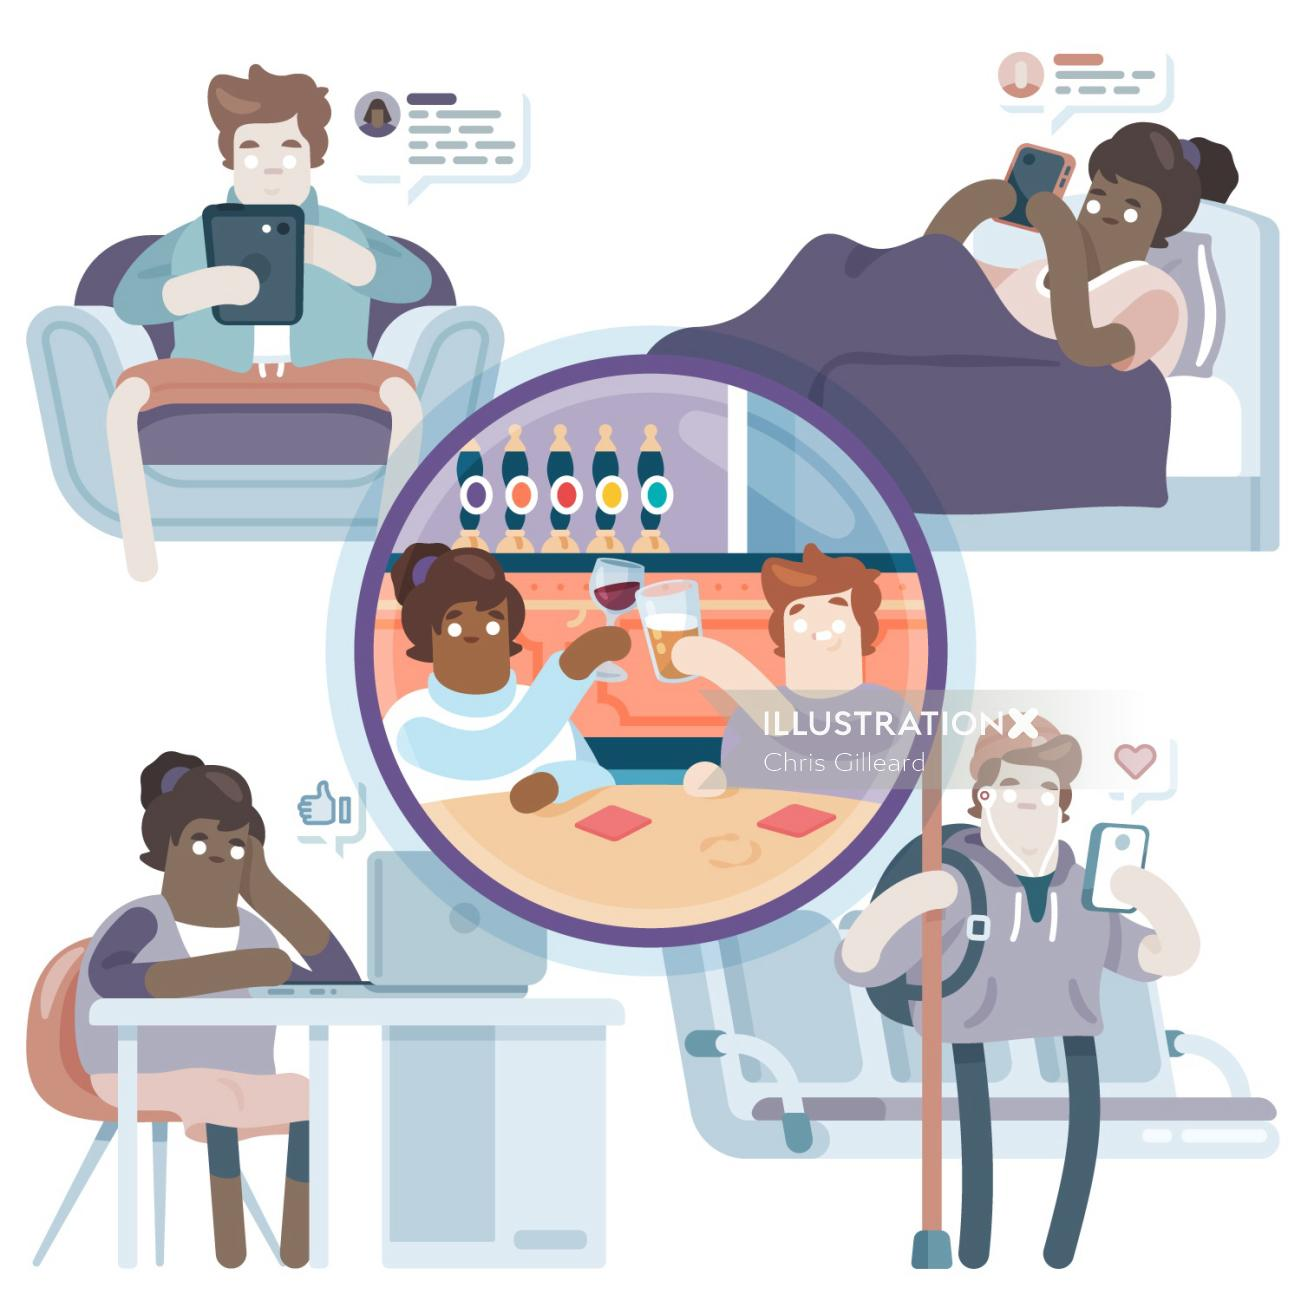 editorial illustration of social media addicts